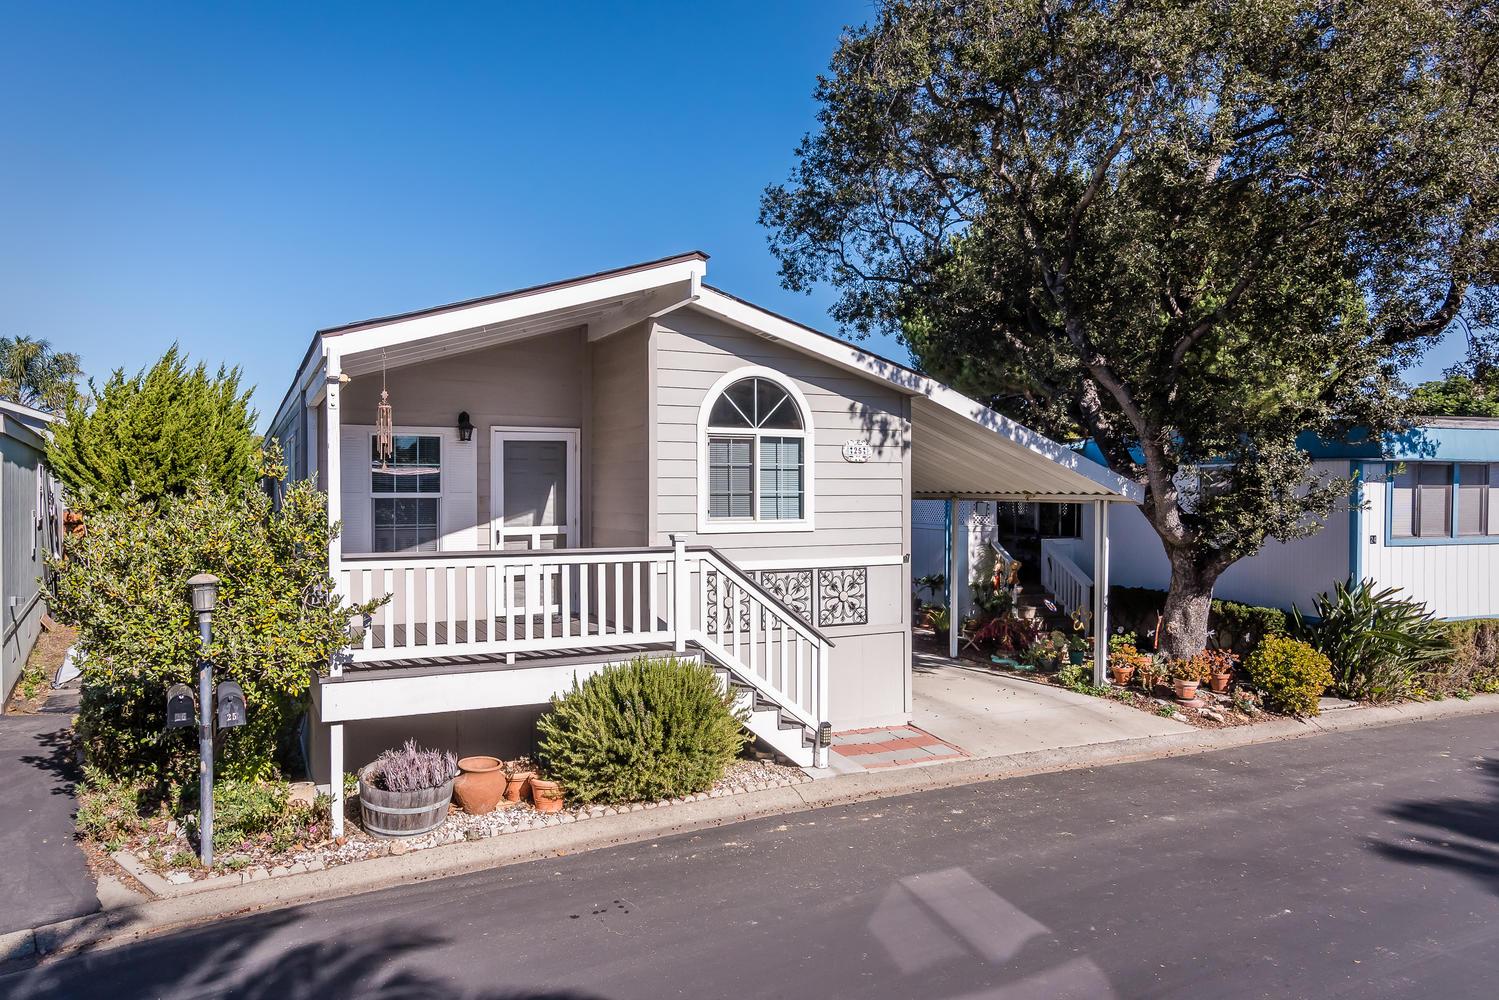 3960 S Higuera St, San Luis Obispo, CA 93401